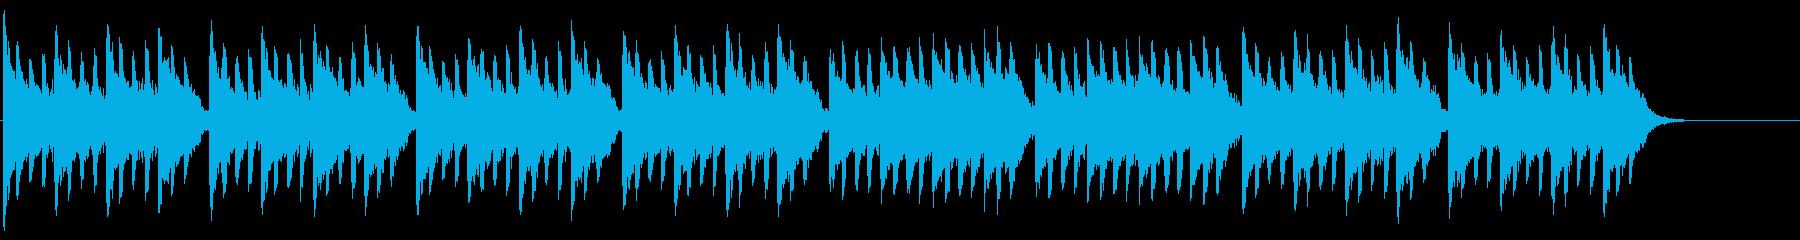 ホラー/ダーク/冷たいアンビエントの再生済みの波形